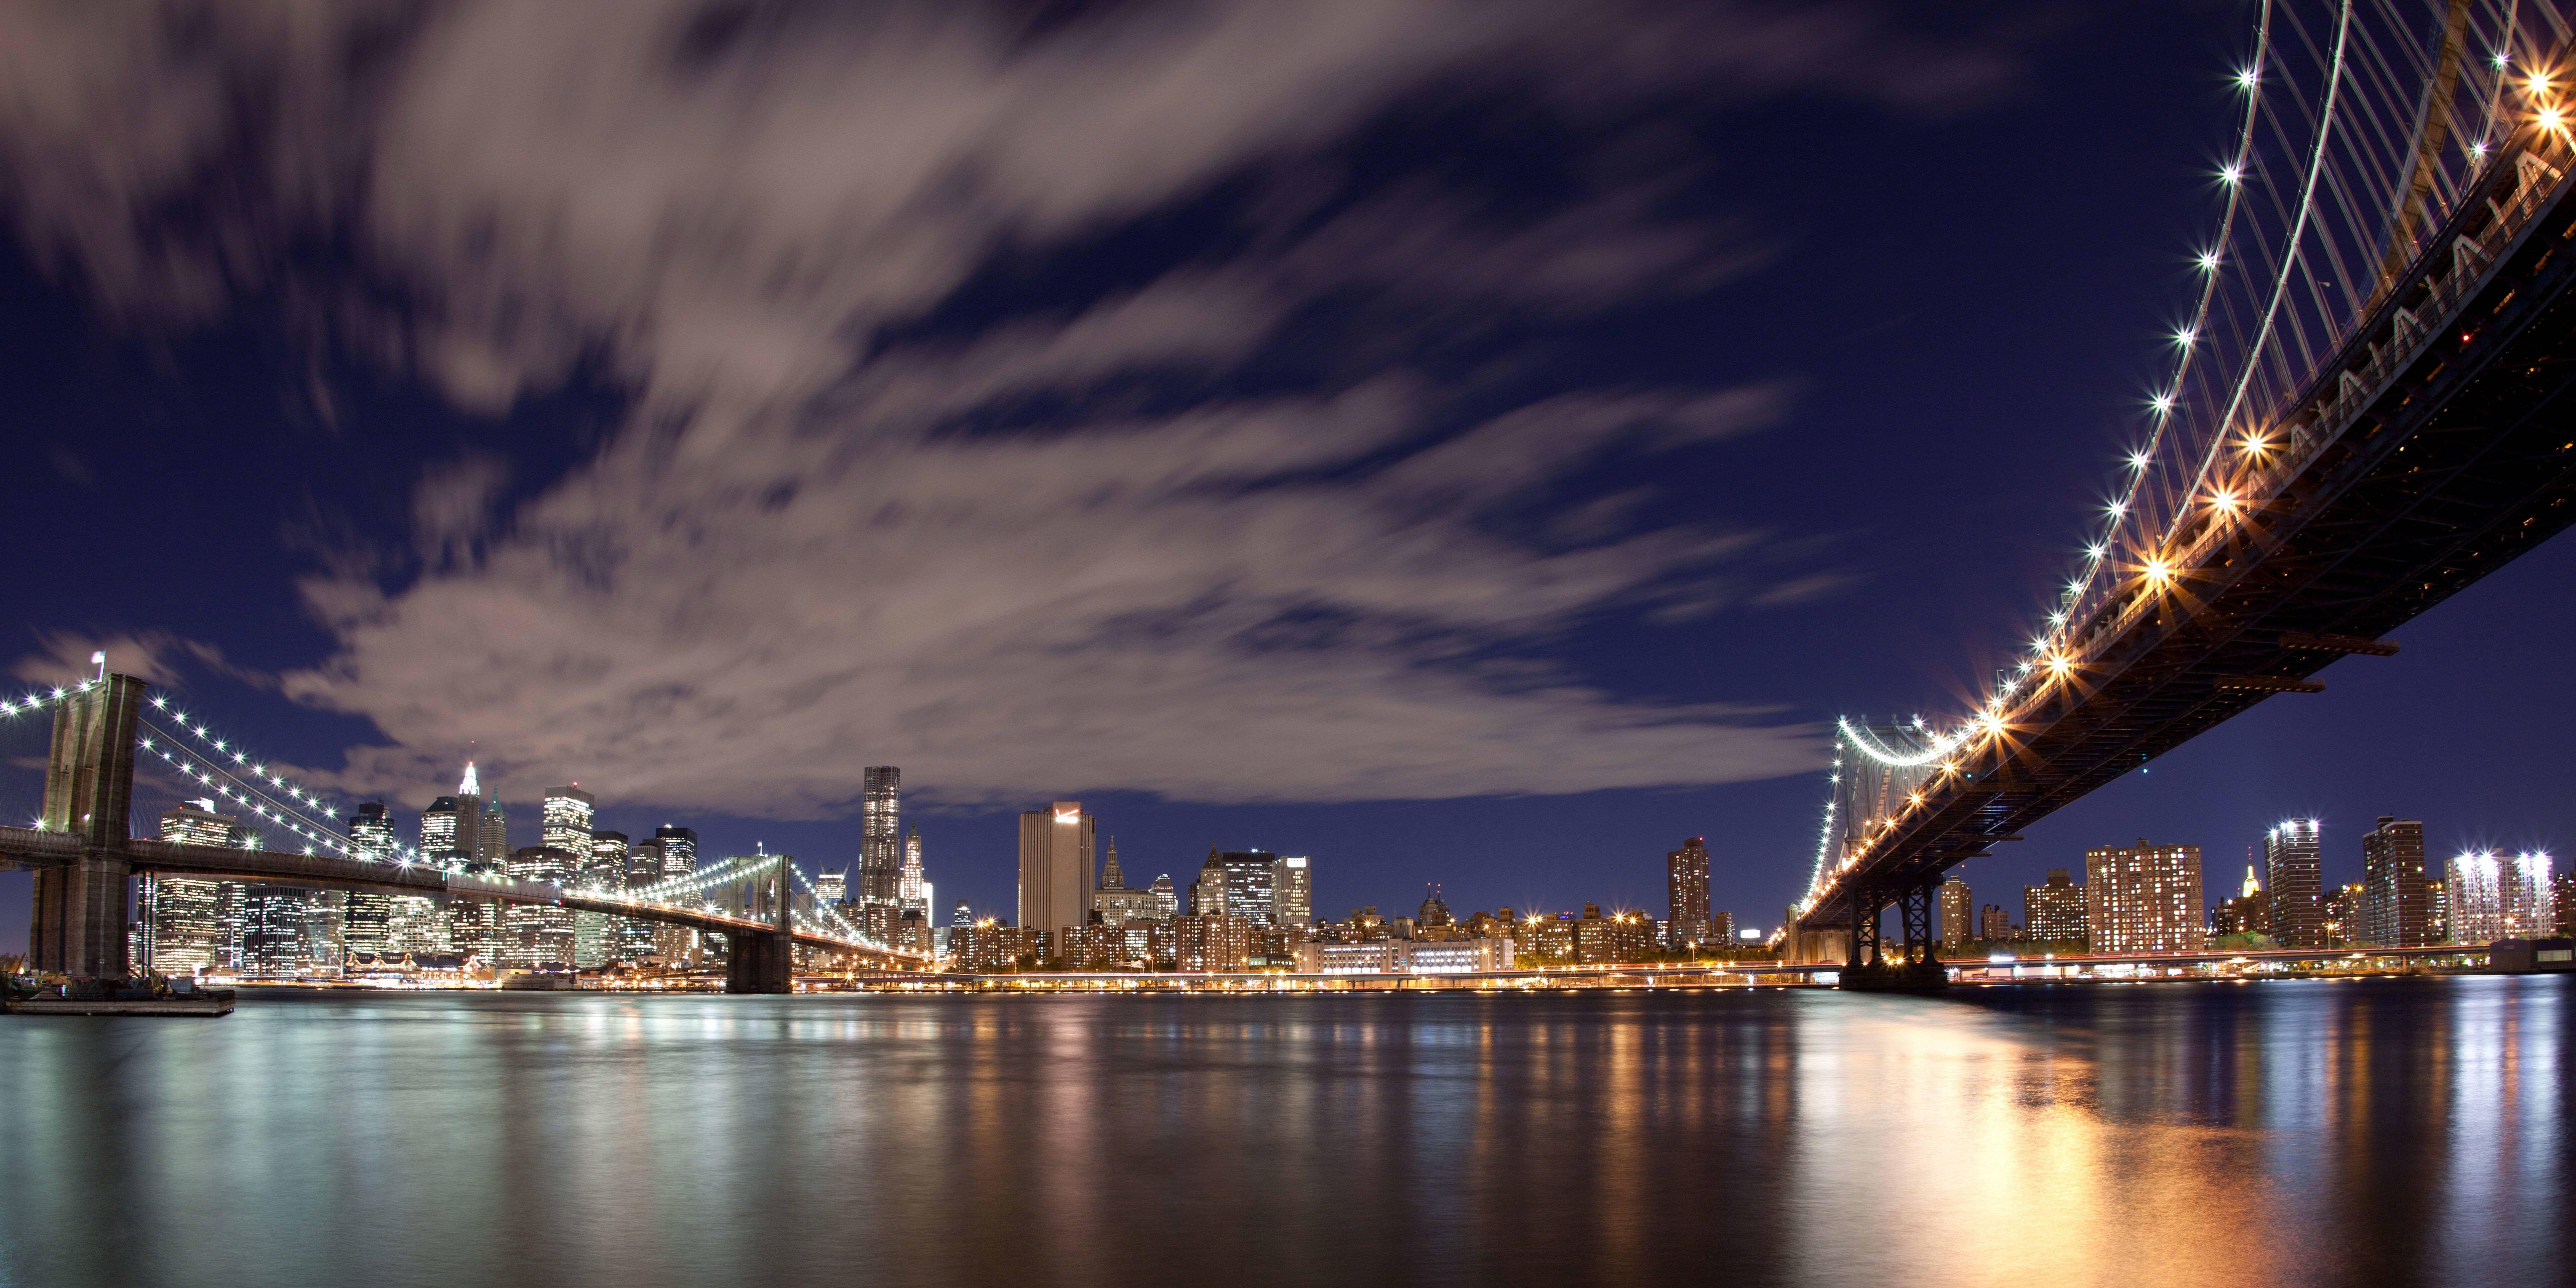 hintergrundbilder new york city vereinigte staaten 10348x5174. Black Bedroom Furniture Sets. Home Design Ideas